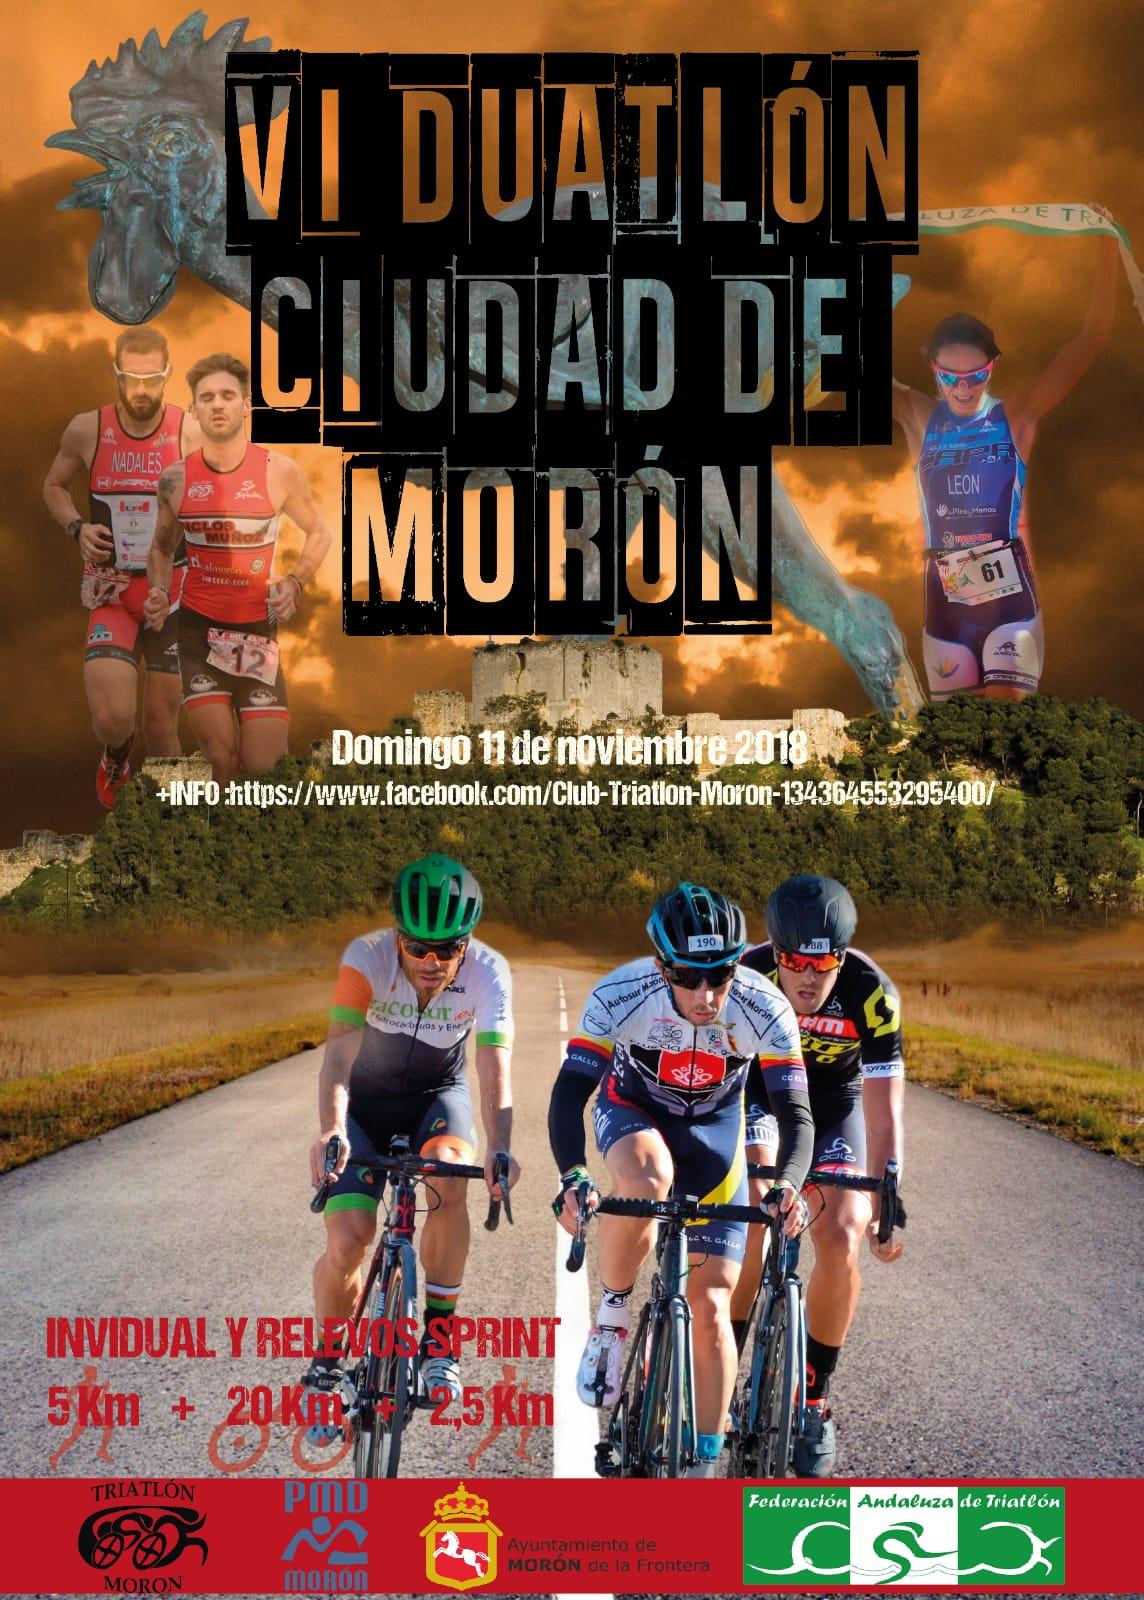 Ayuntamiento de Morón de la Frontera y el Club Triatlón Morón